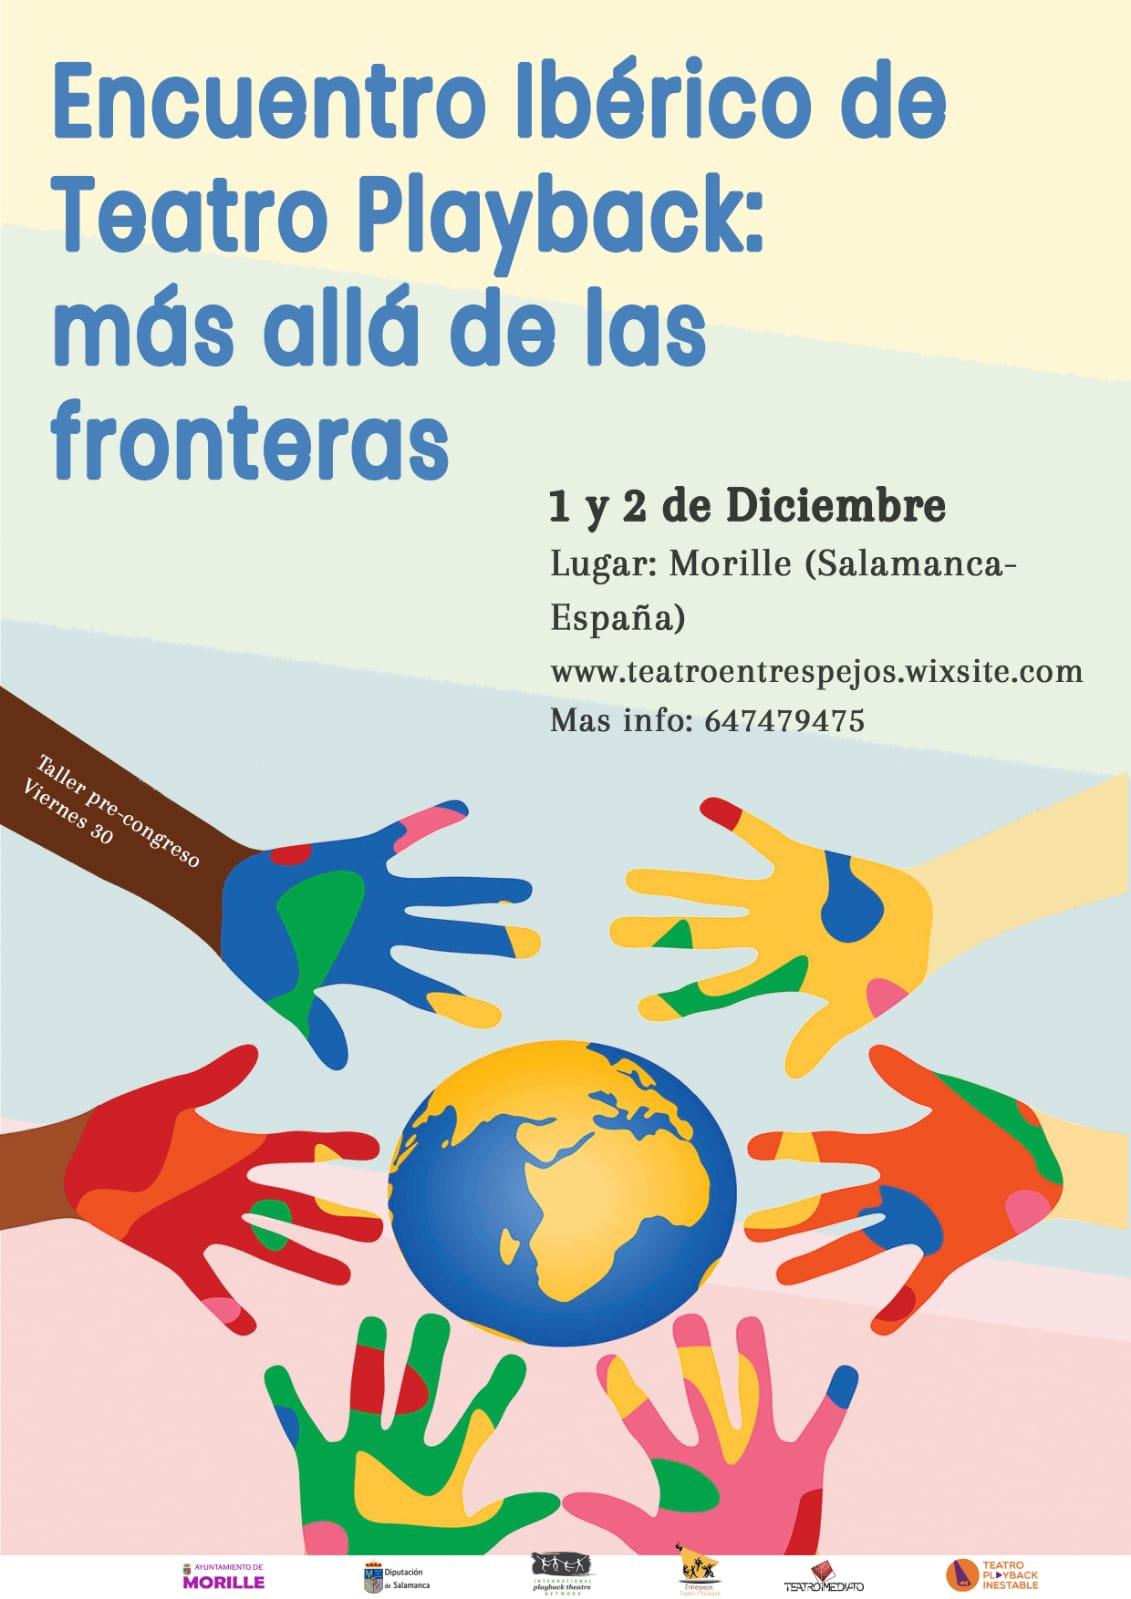 Encuentro Ibérico de Teatro Playback: MORILLE, 1 y 2 de diciembre de 2018